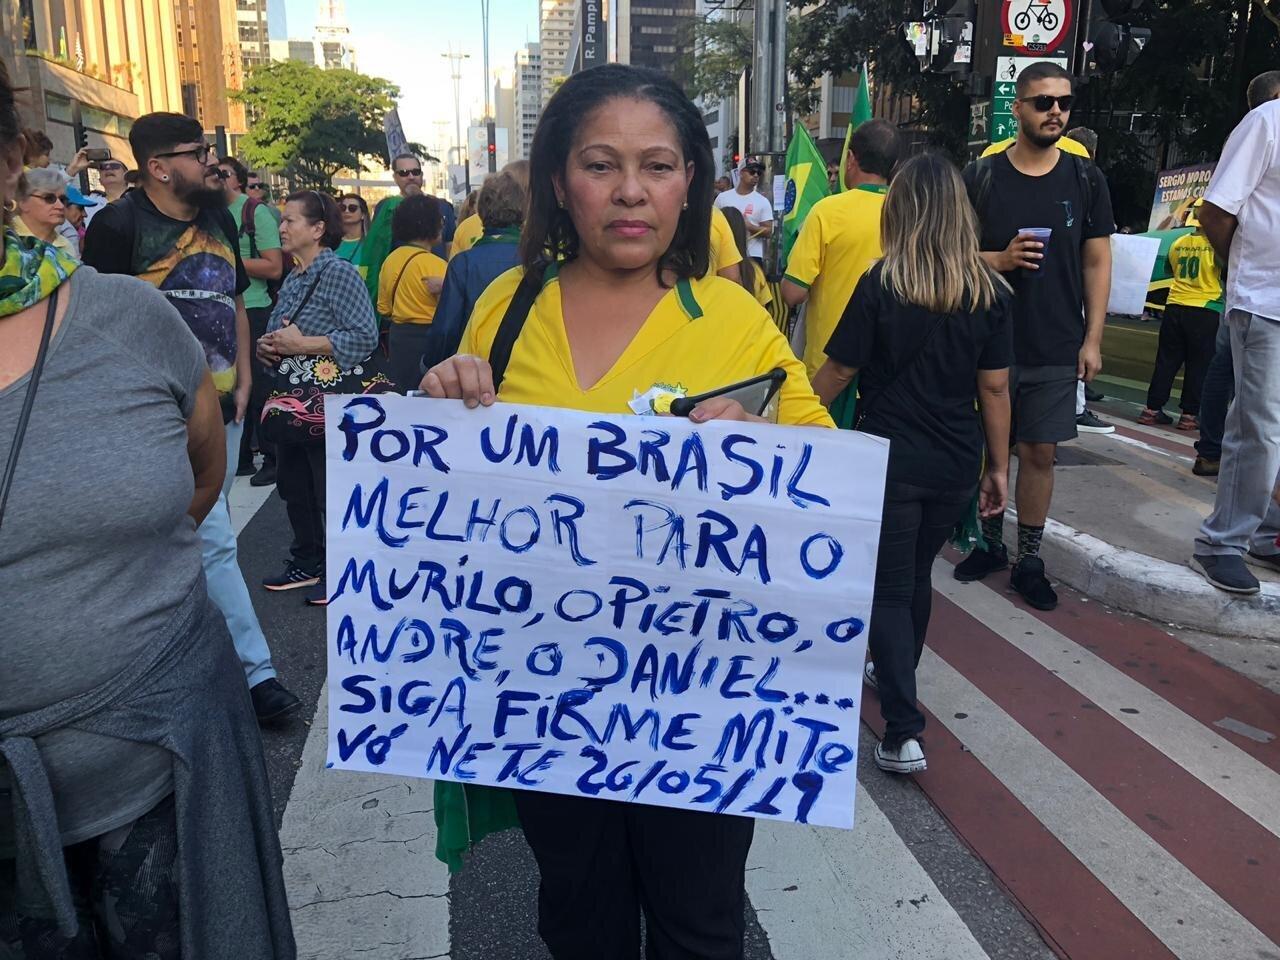 Vim porque vejo oportunidade única de mudar o Brasil, diz